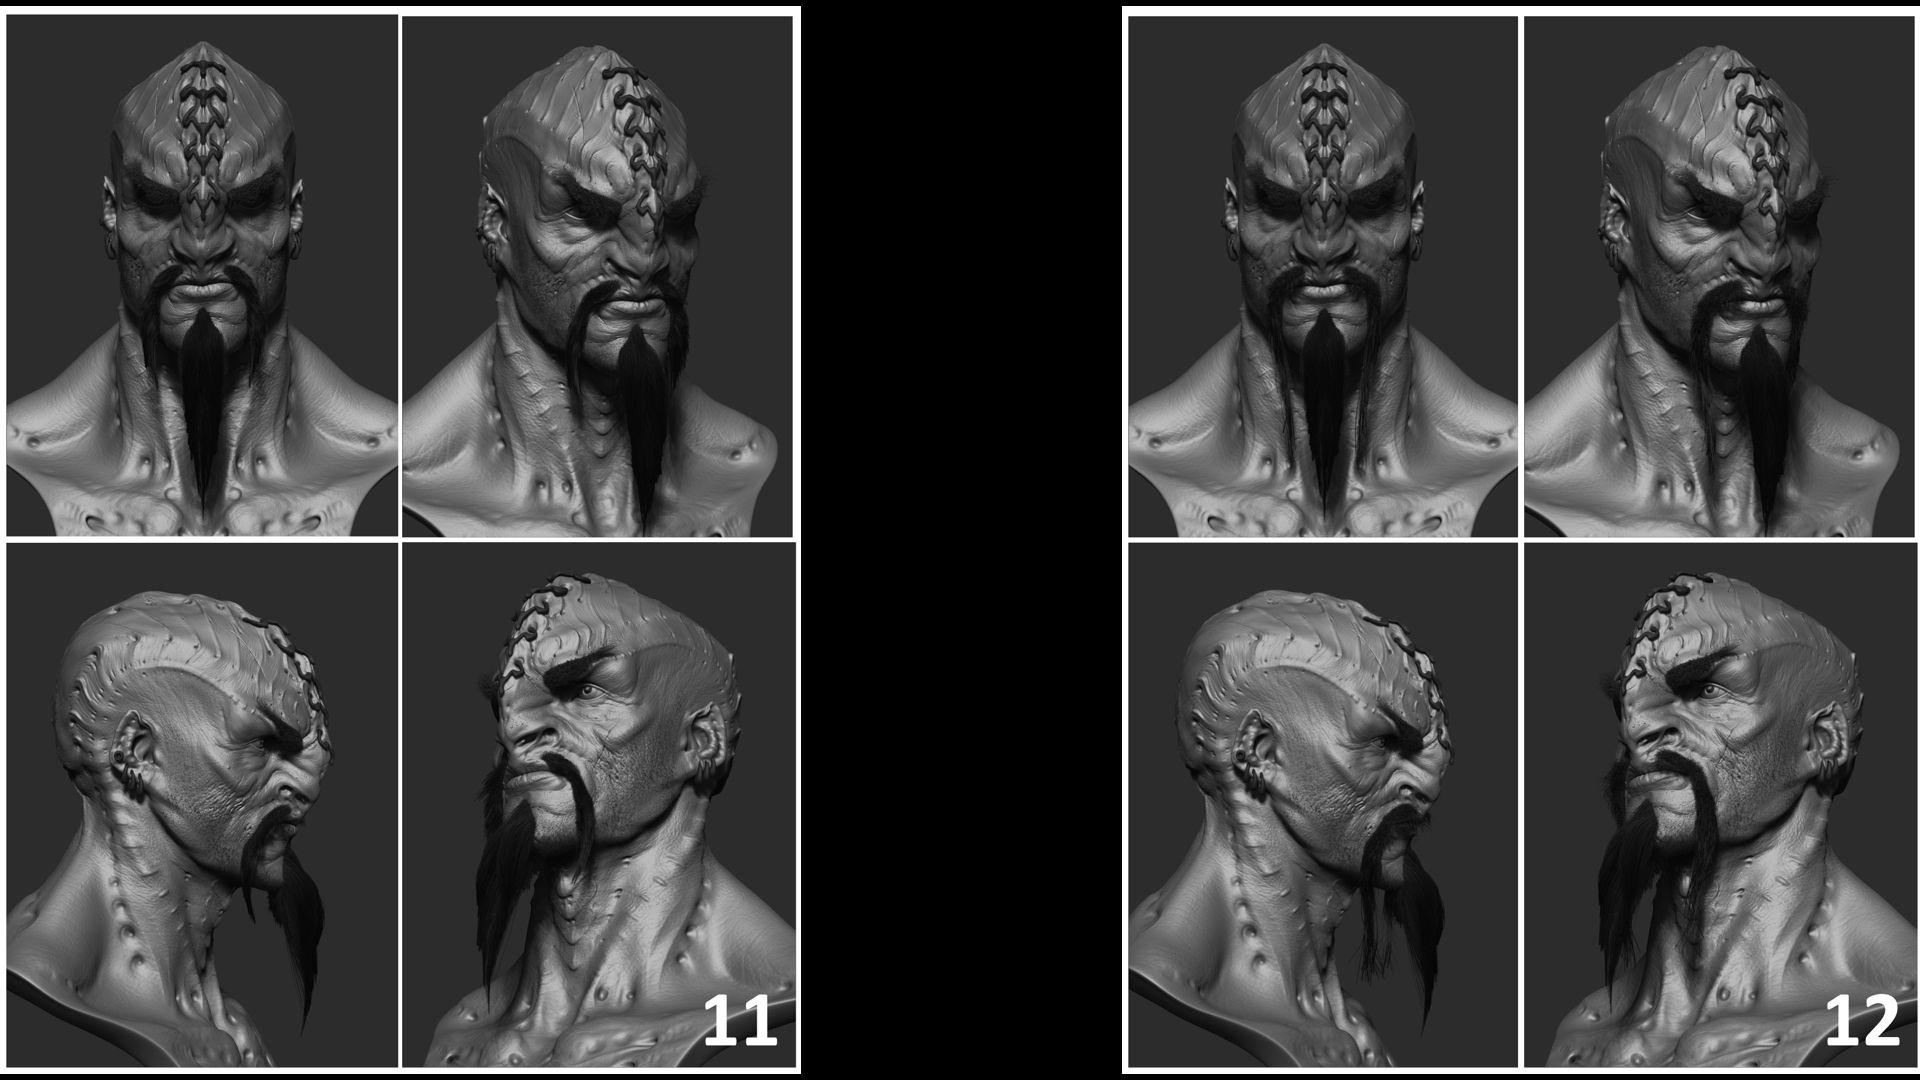 #Klingons #StarTrek Into Darkness